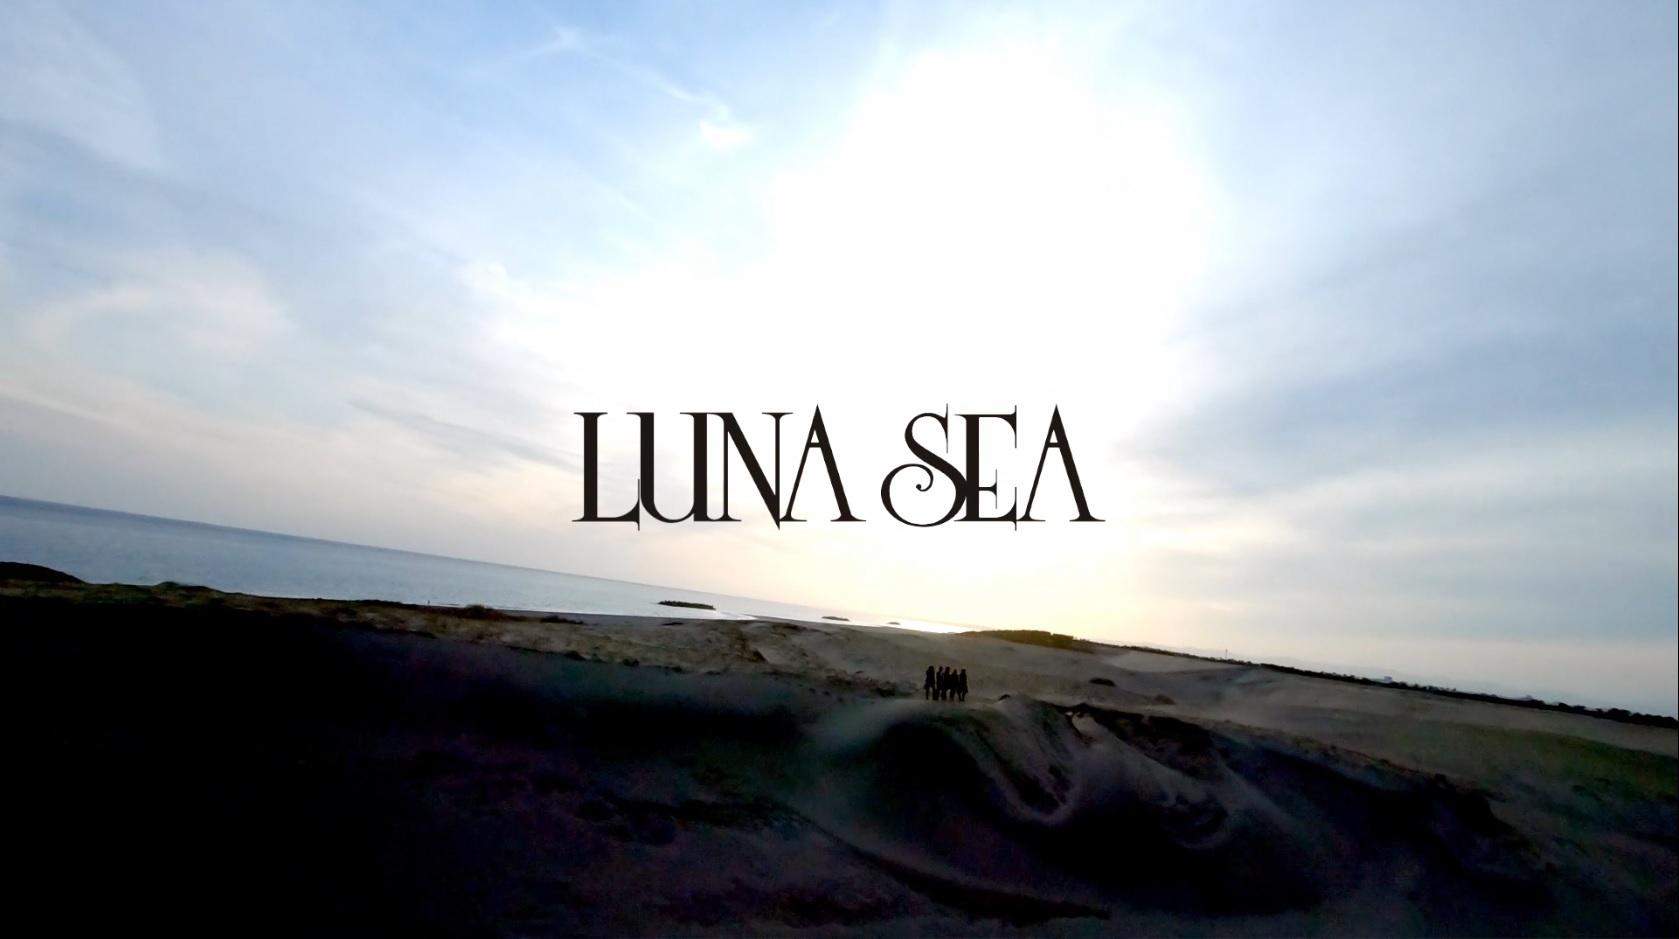 LUNA SEA「悲壮美」MVより